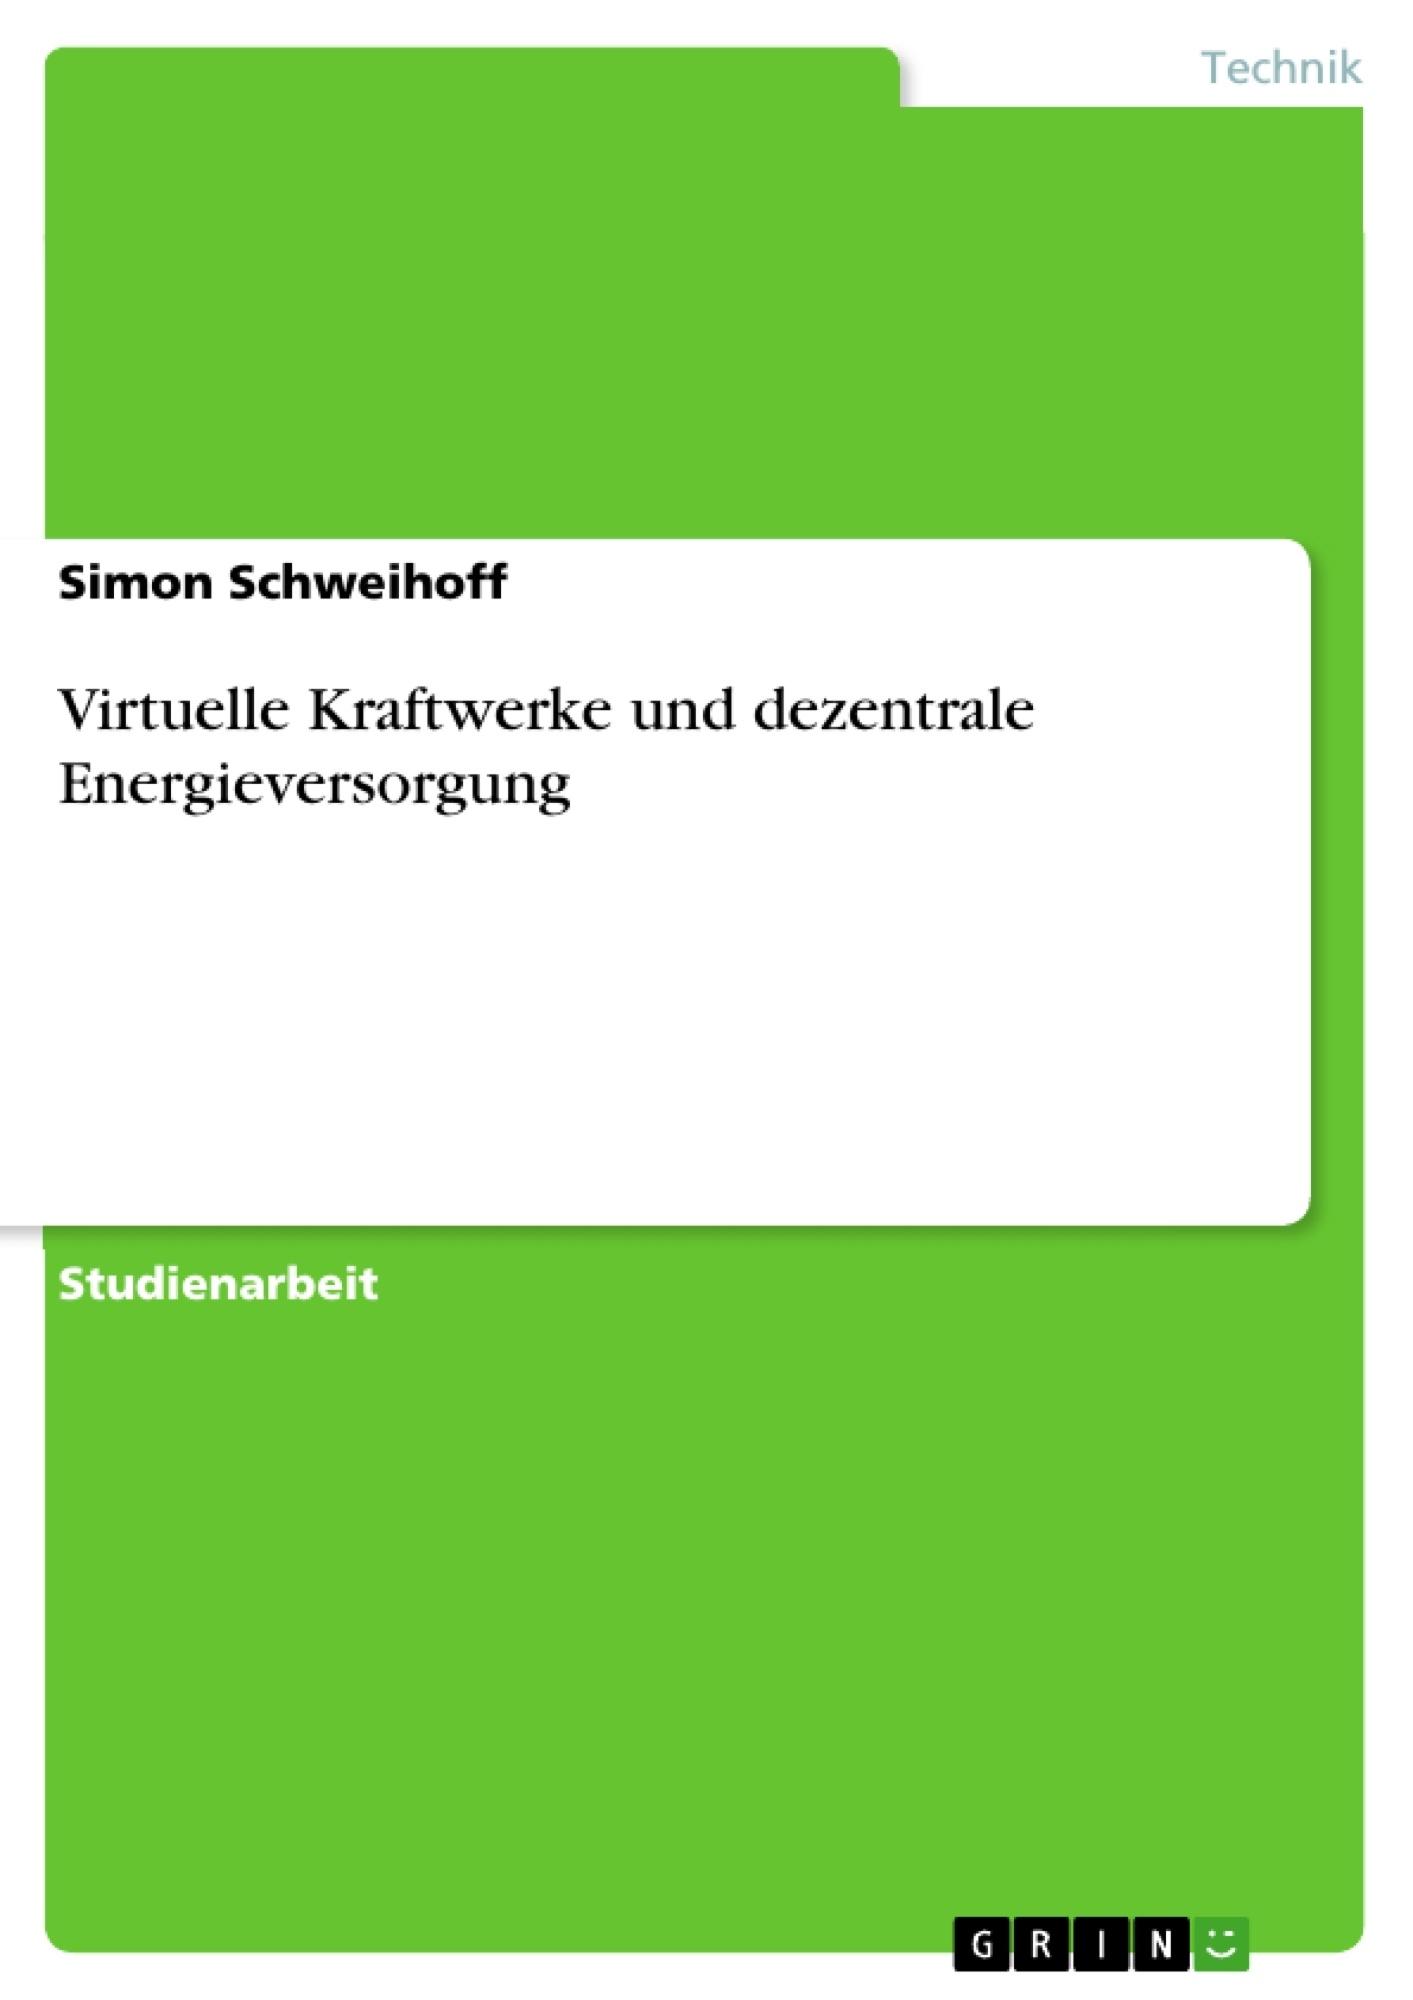 Titel: Virtuelle Kraftwerke und dezentrale Energieversorgung